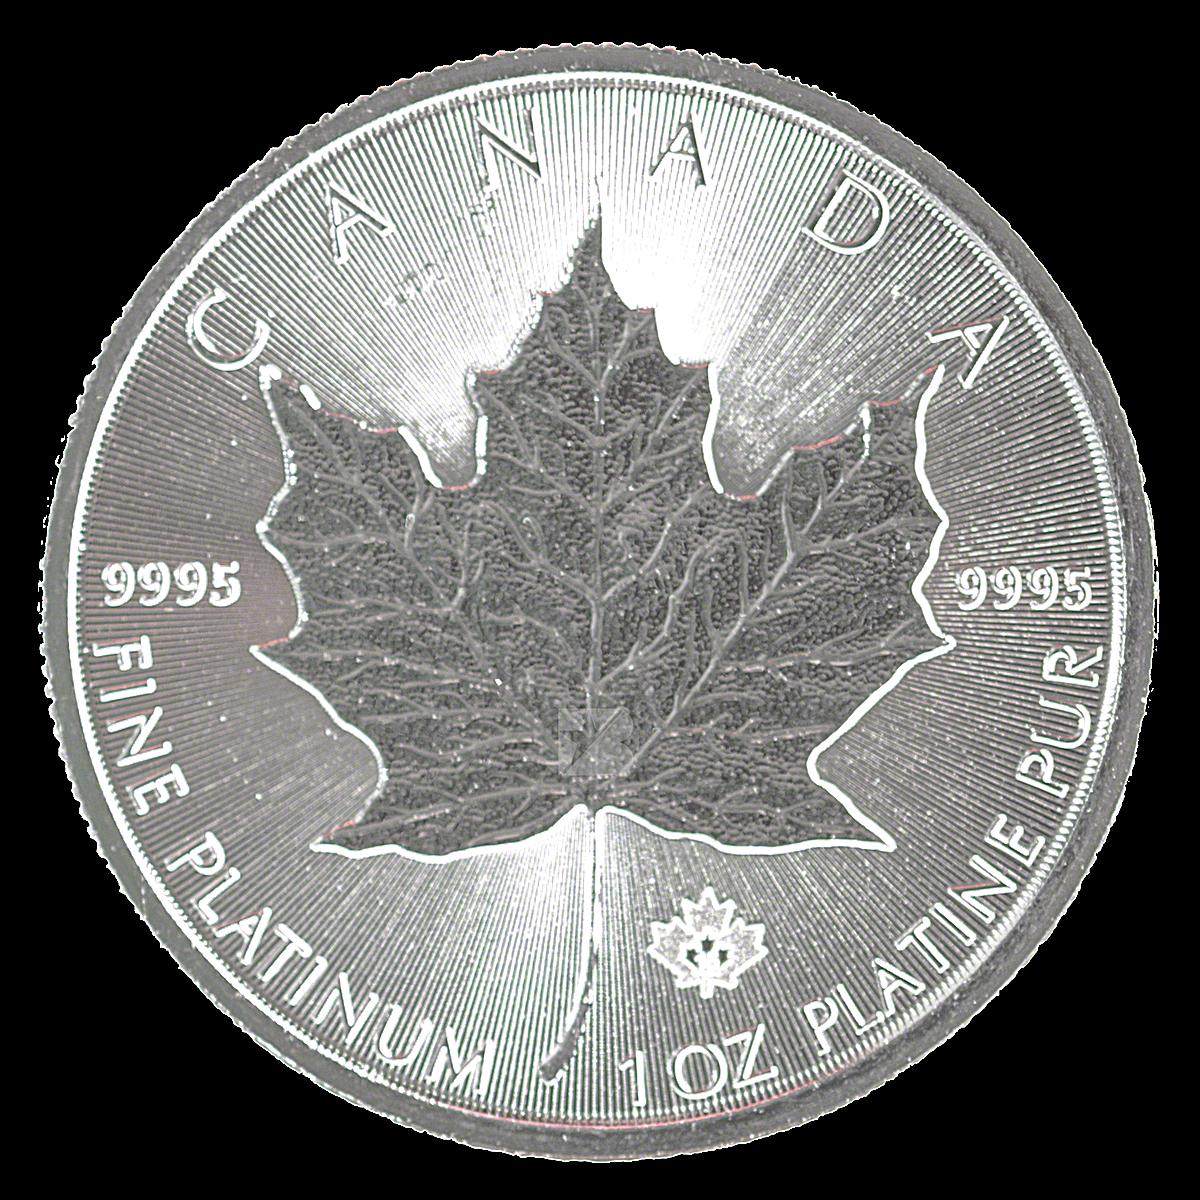 Canadian Platinum Maple Leaf 2015